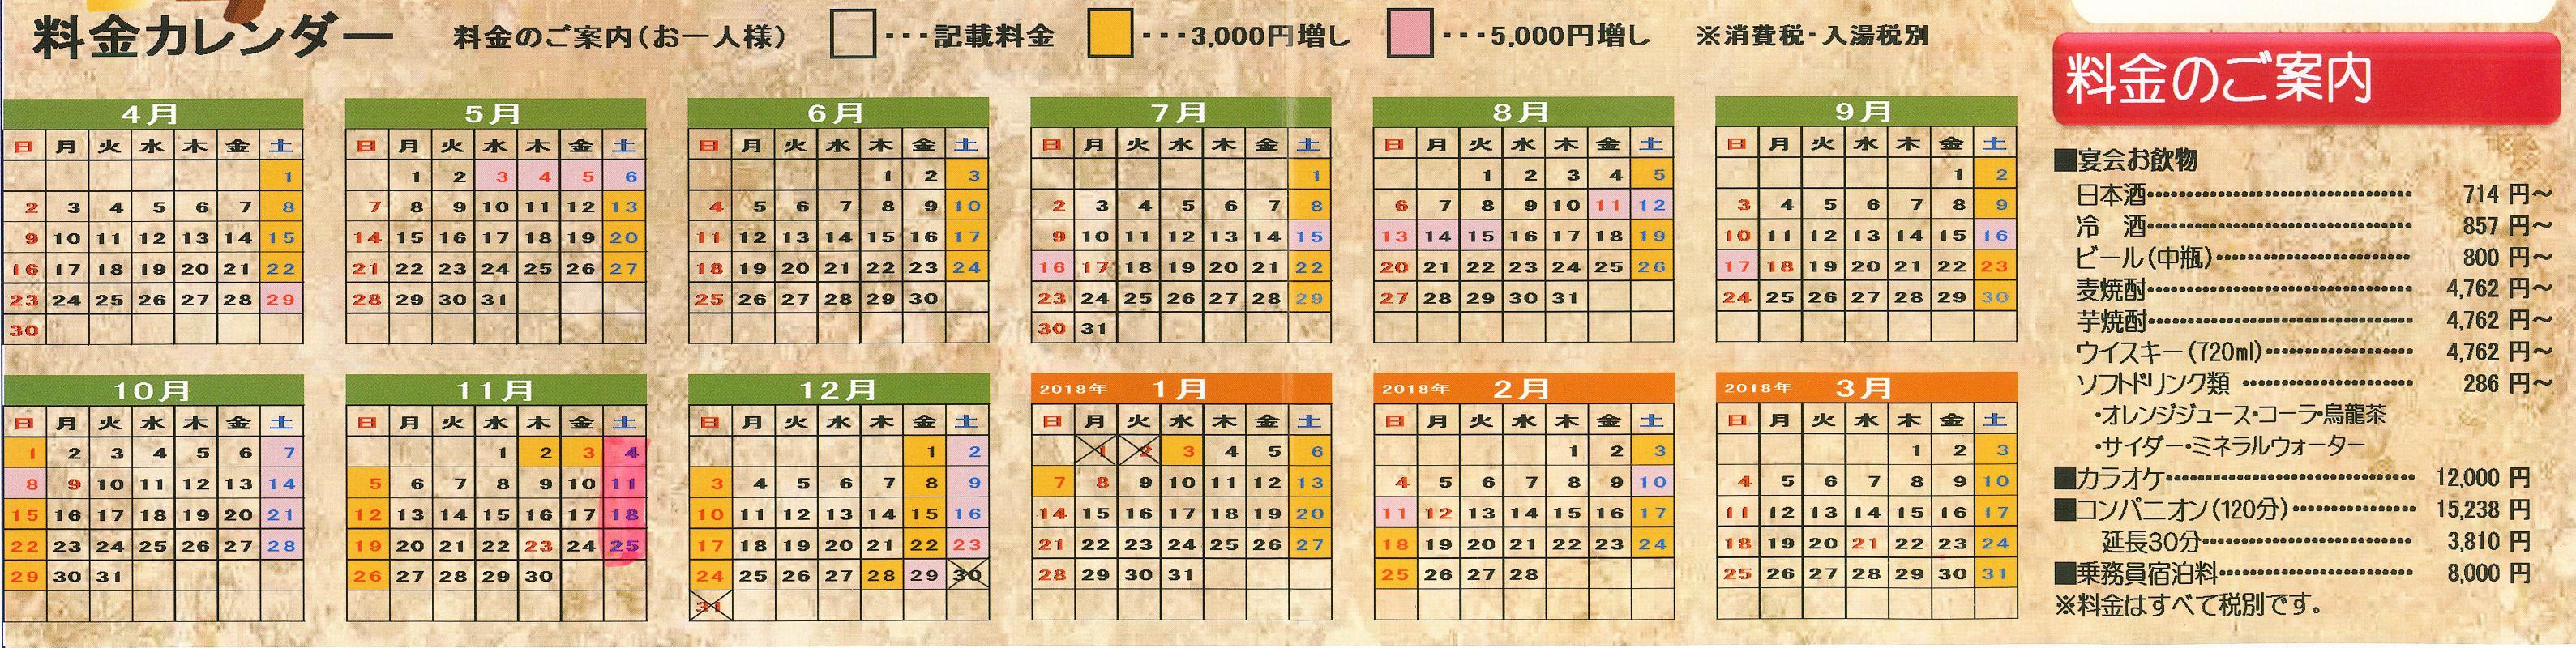 【プレミアムモルツ2ケース付】バス旅行宿泊プラン